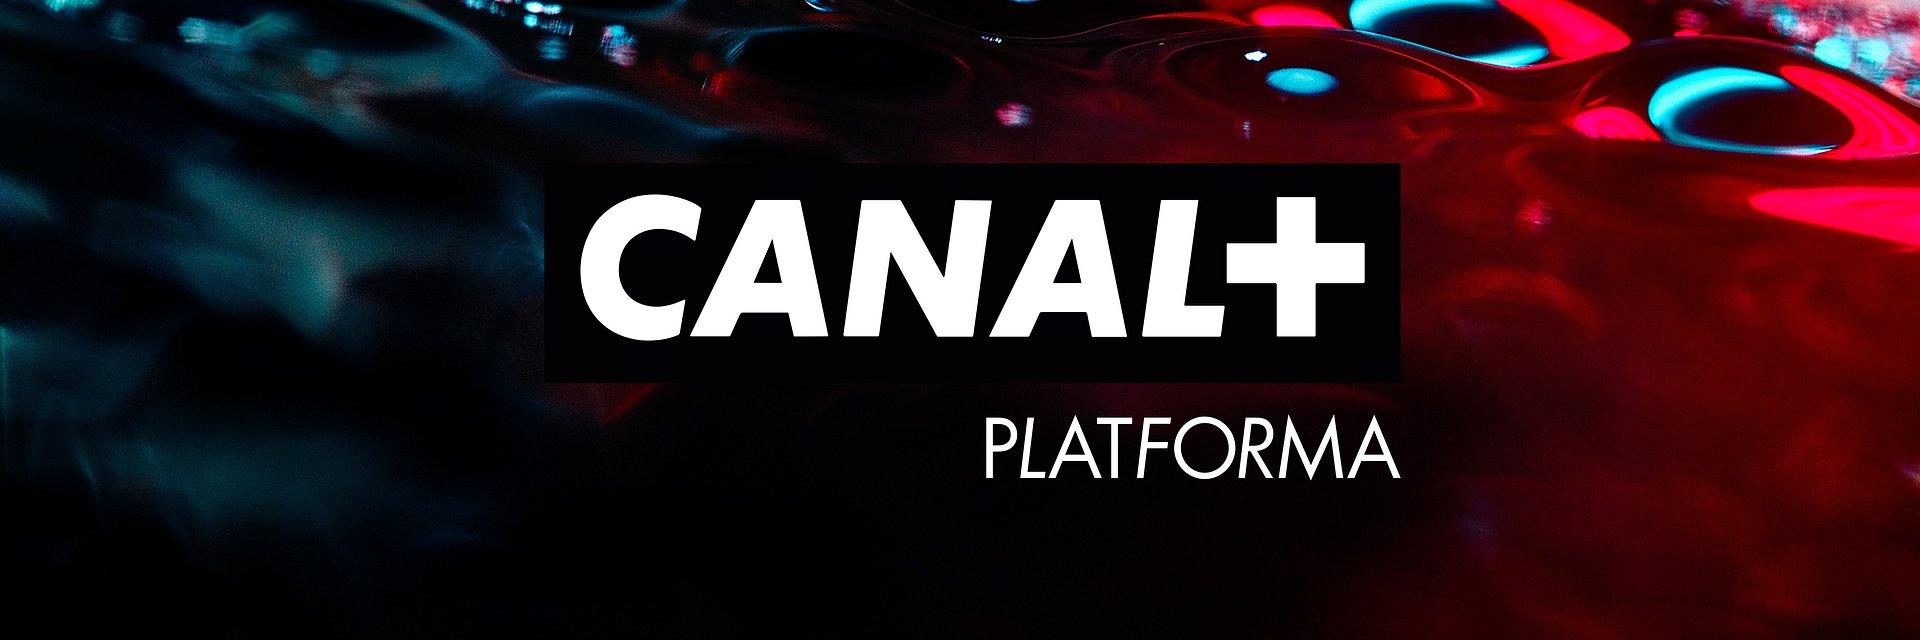 Małgorzata Seck dołączy do CANAL+ na stanowisko wiceprezesa ds. programowych